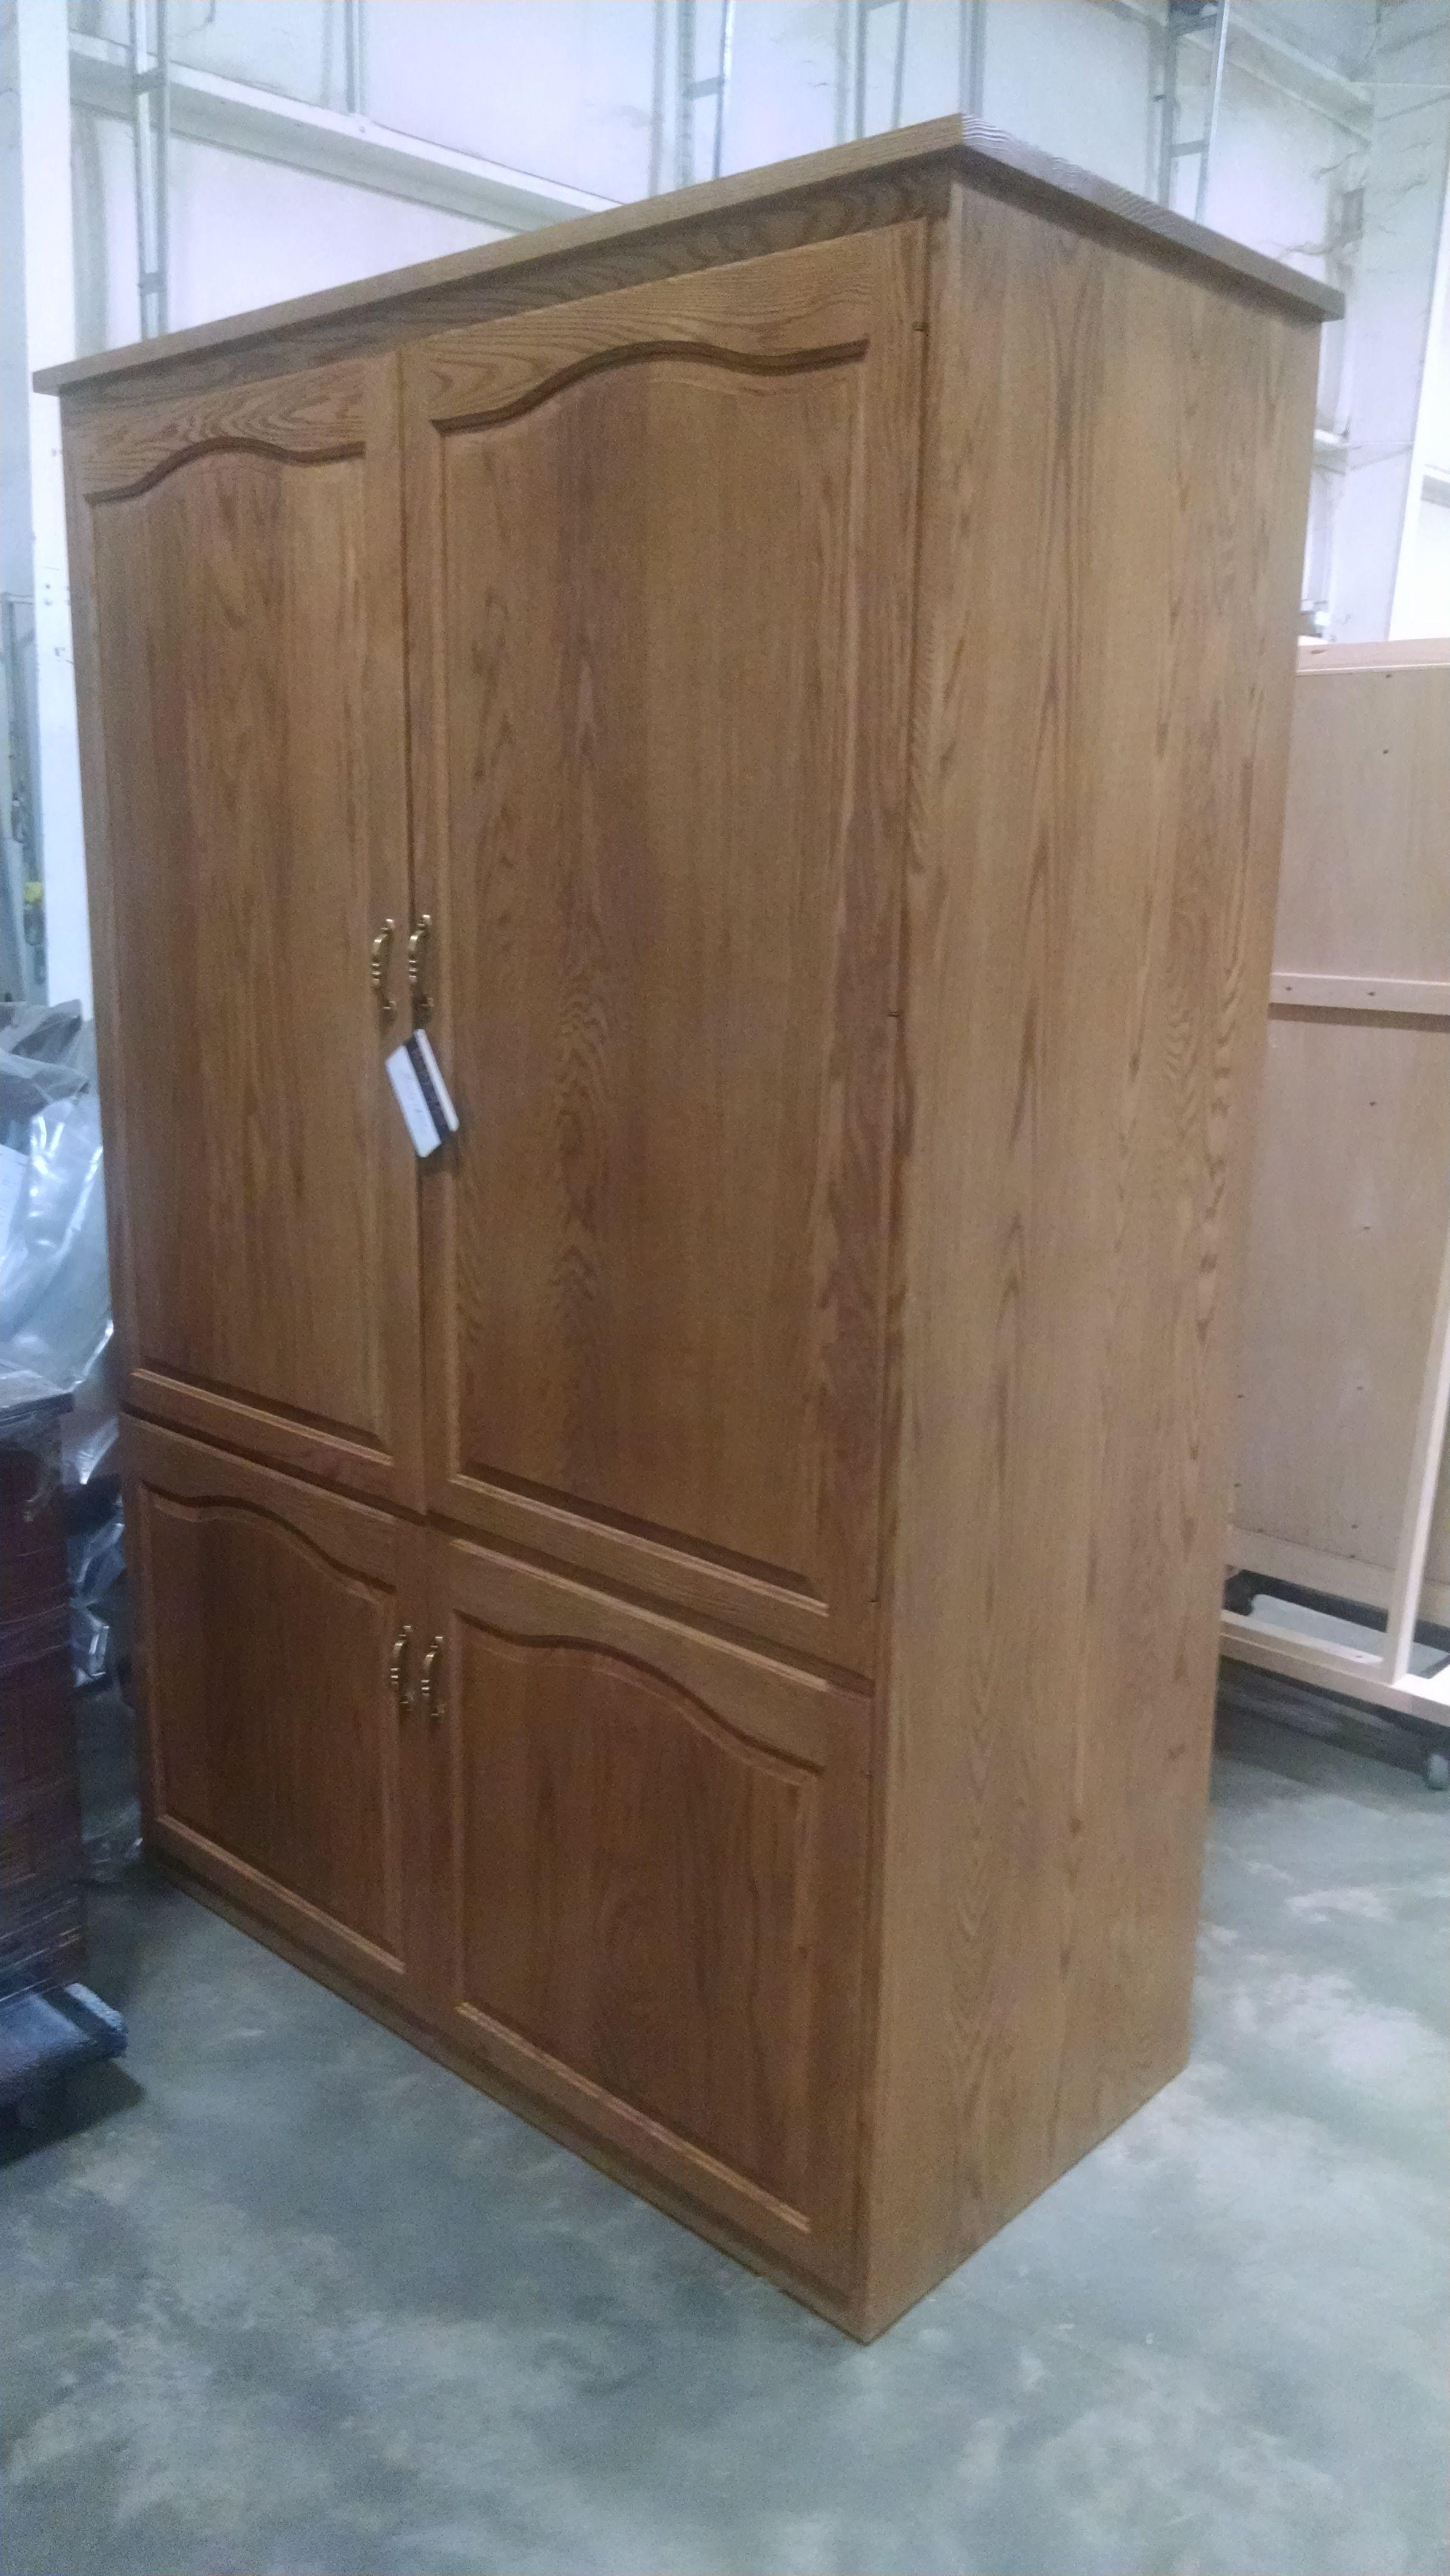 Handmade Custom Pantry Cabinet In White Oak By Walnut